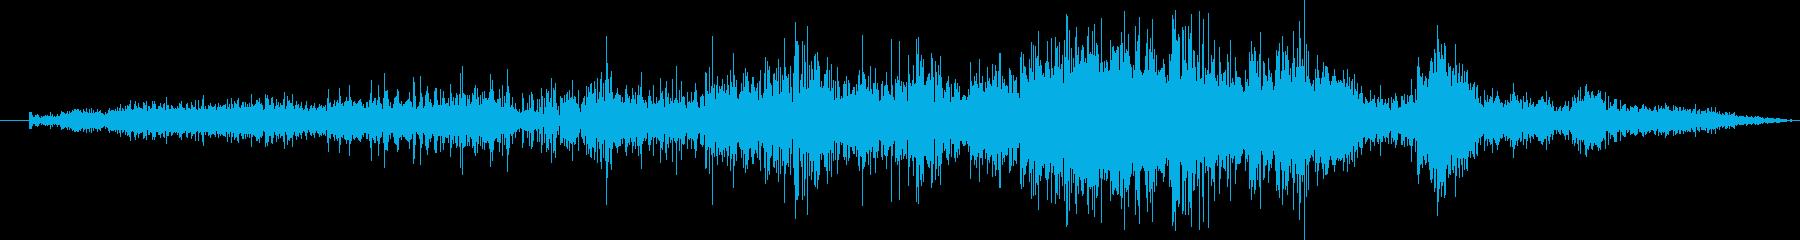 ゾンビの唸り声の再生済みの波形